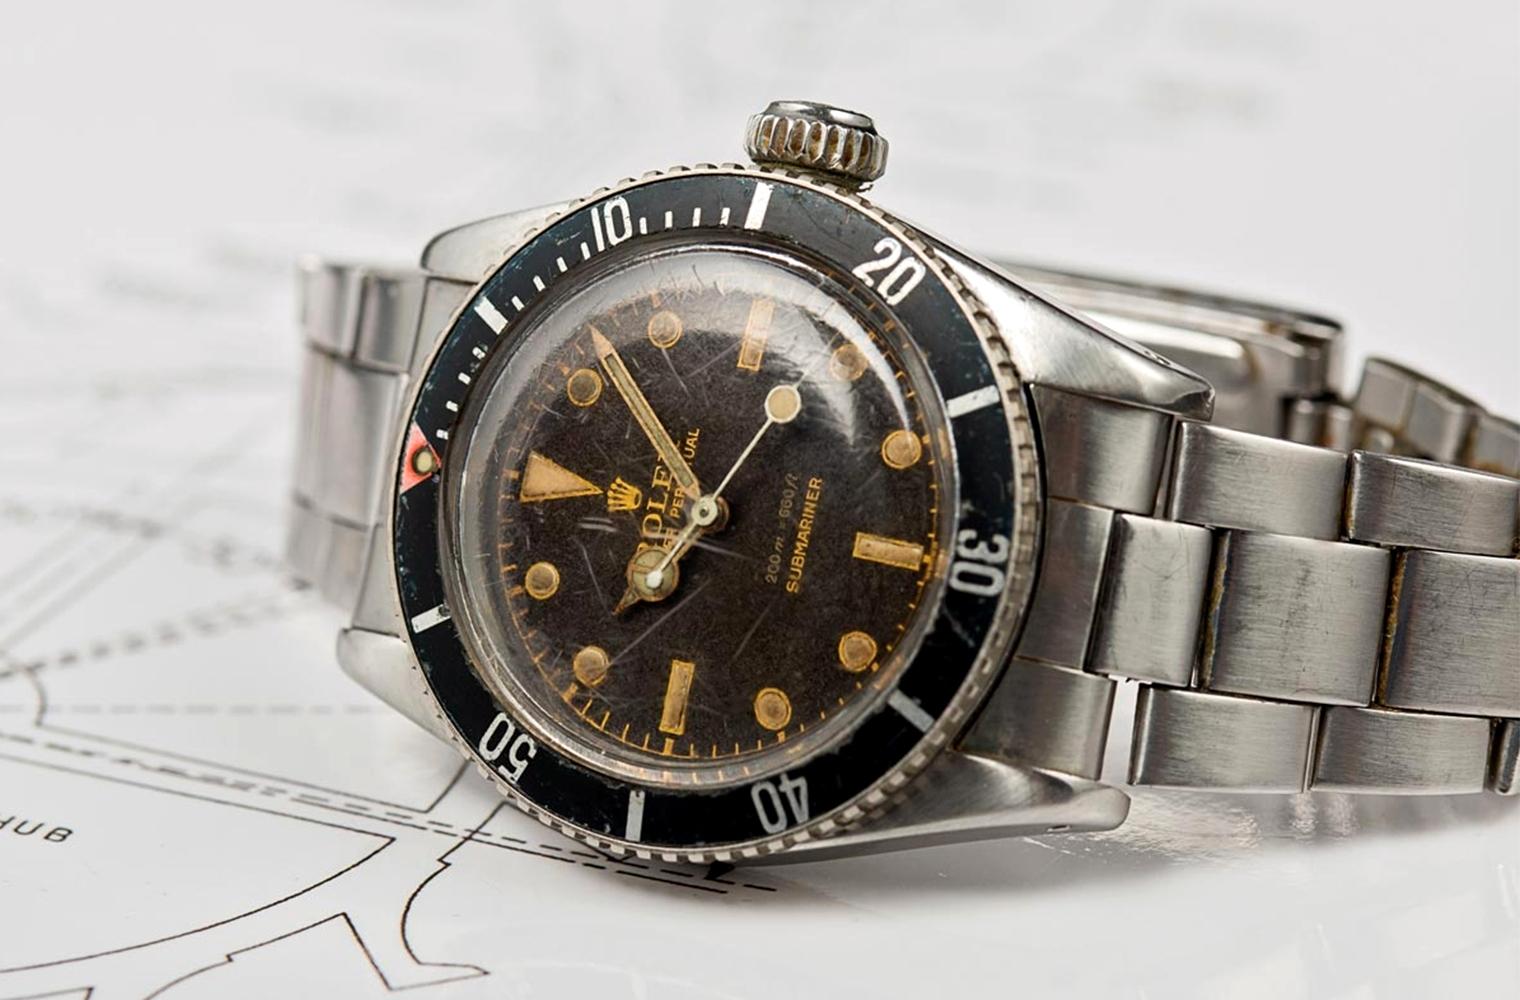 Джеймса стоимость часы бонда часов ленинском скупка на